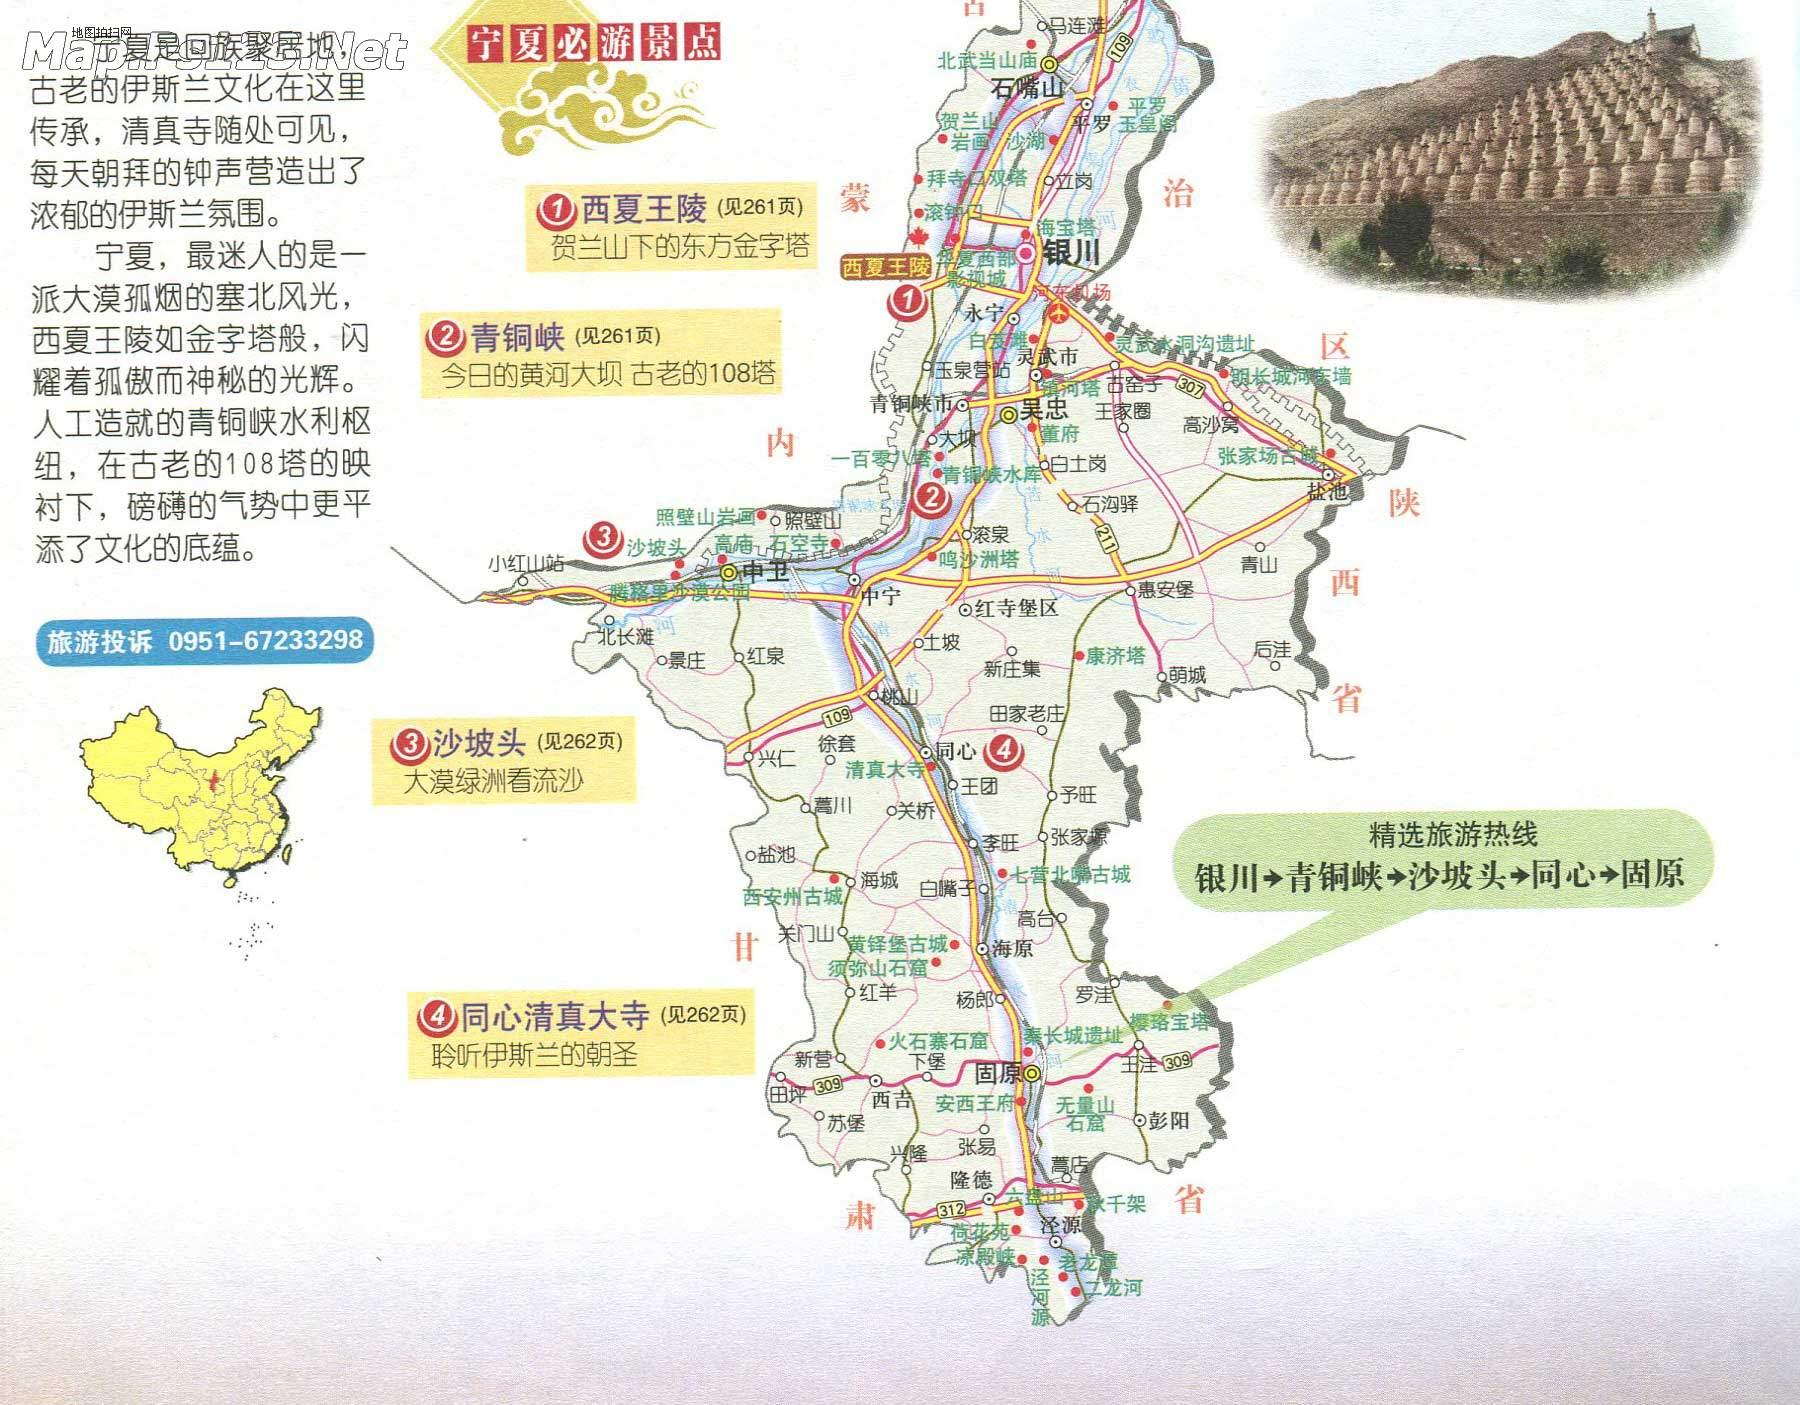 宁夏旅游地图(必游景点)